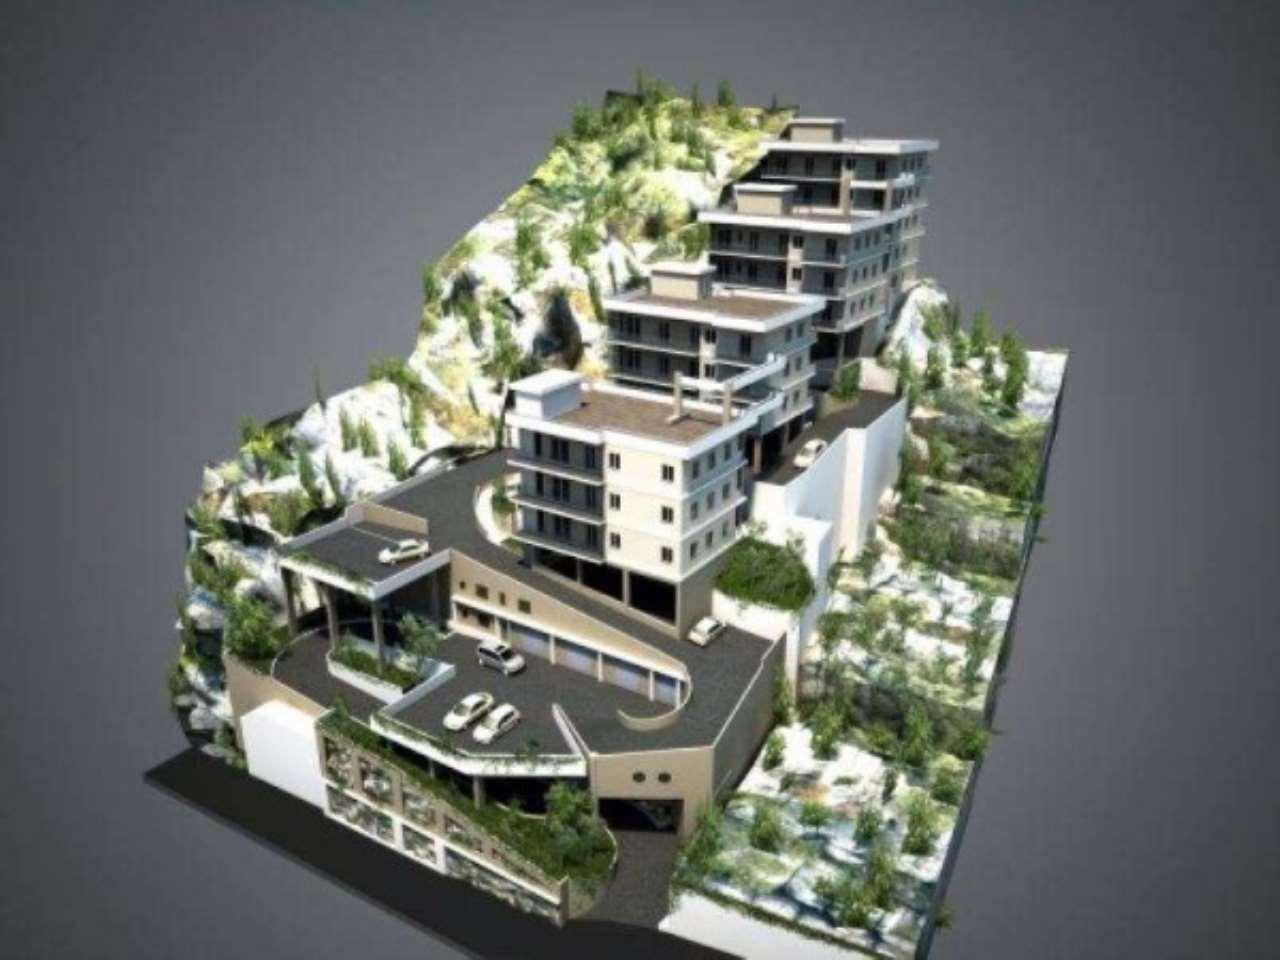 Appartamento in vendita a Sarno, 2 locali, prezzo € 90.000 | CambioCasa.it